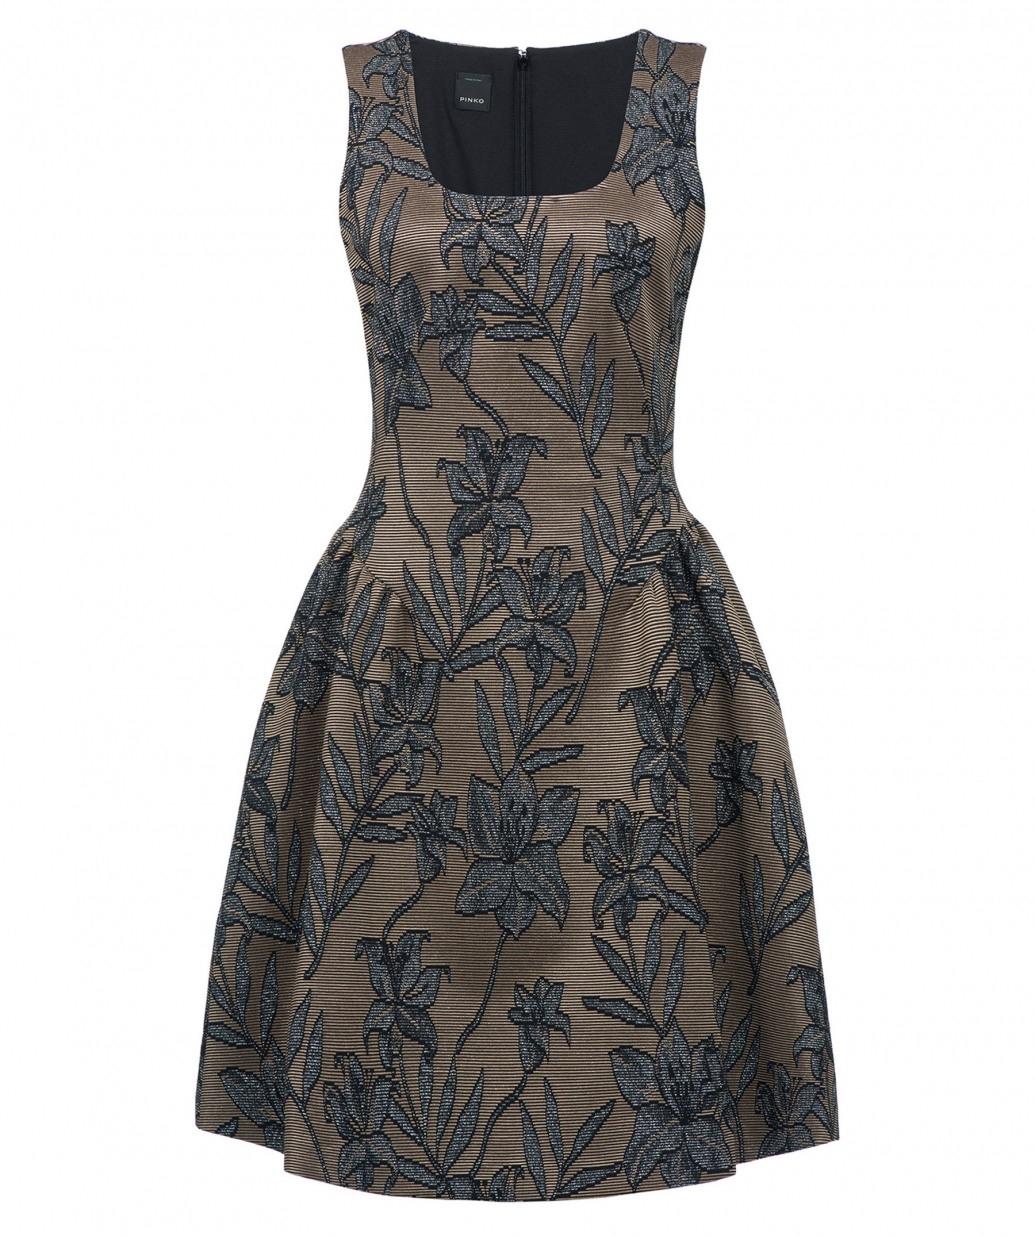 13 Cool Schöne Kleider Kaufen Bester PreisAbend Leicht Schöne Kleider Kaufen Design